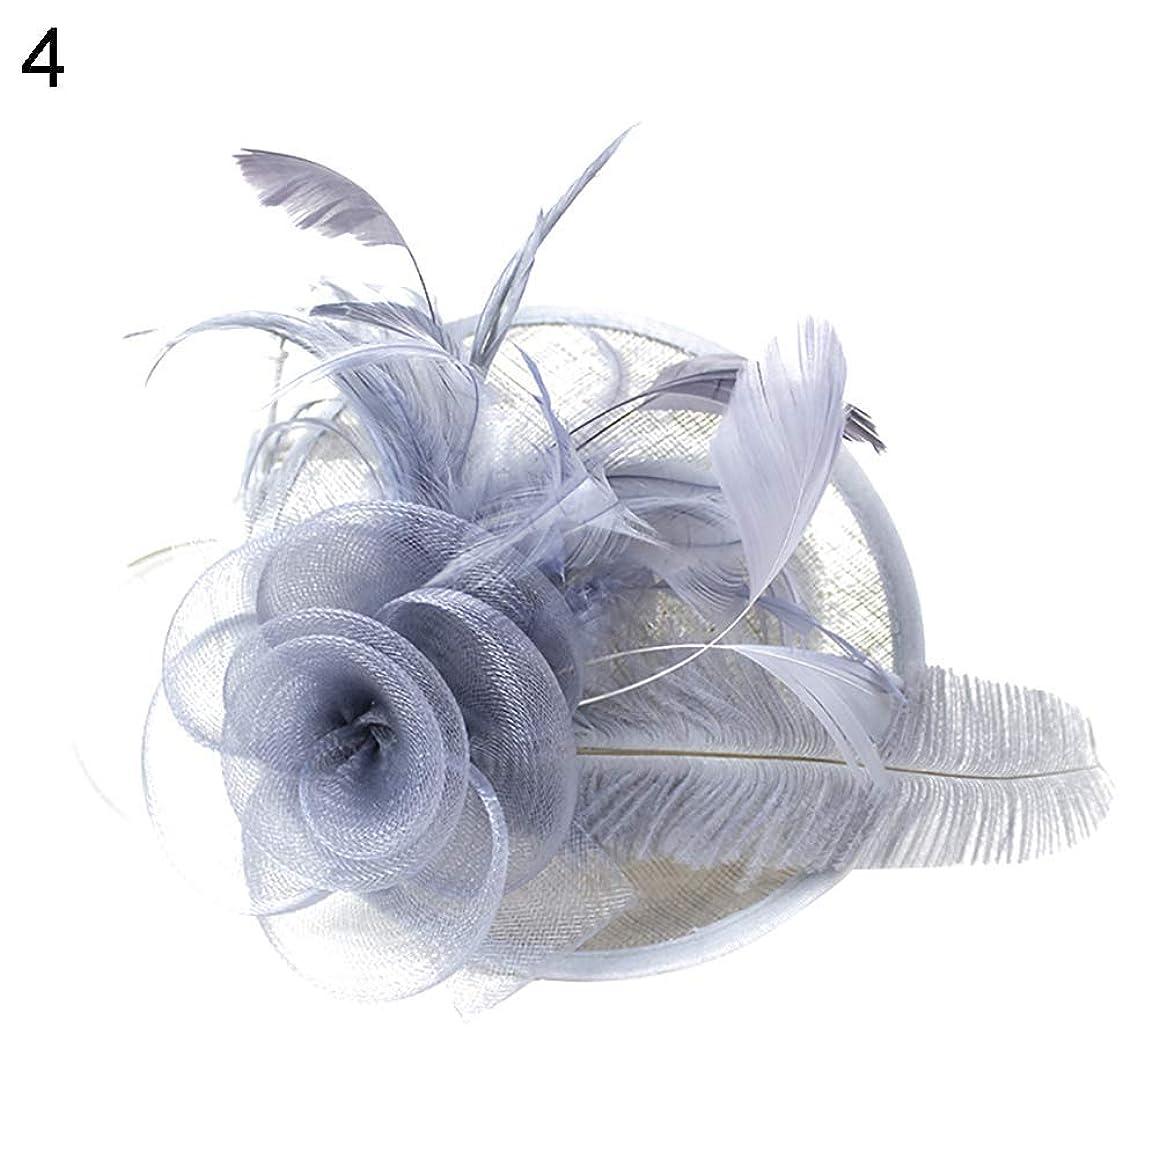 クック一目ジーンズGUANG-HOME 女性のベールフェザーメッシュネット魅惑的なヘアクリップ帽子結婚式パーティー帽子髪飾りエレガントな魅惑的なヘアクリップ帽子